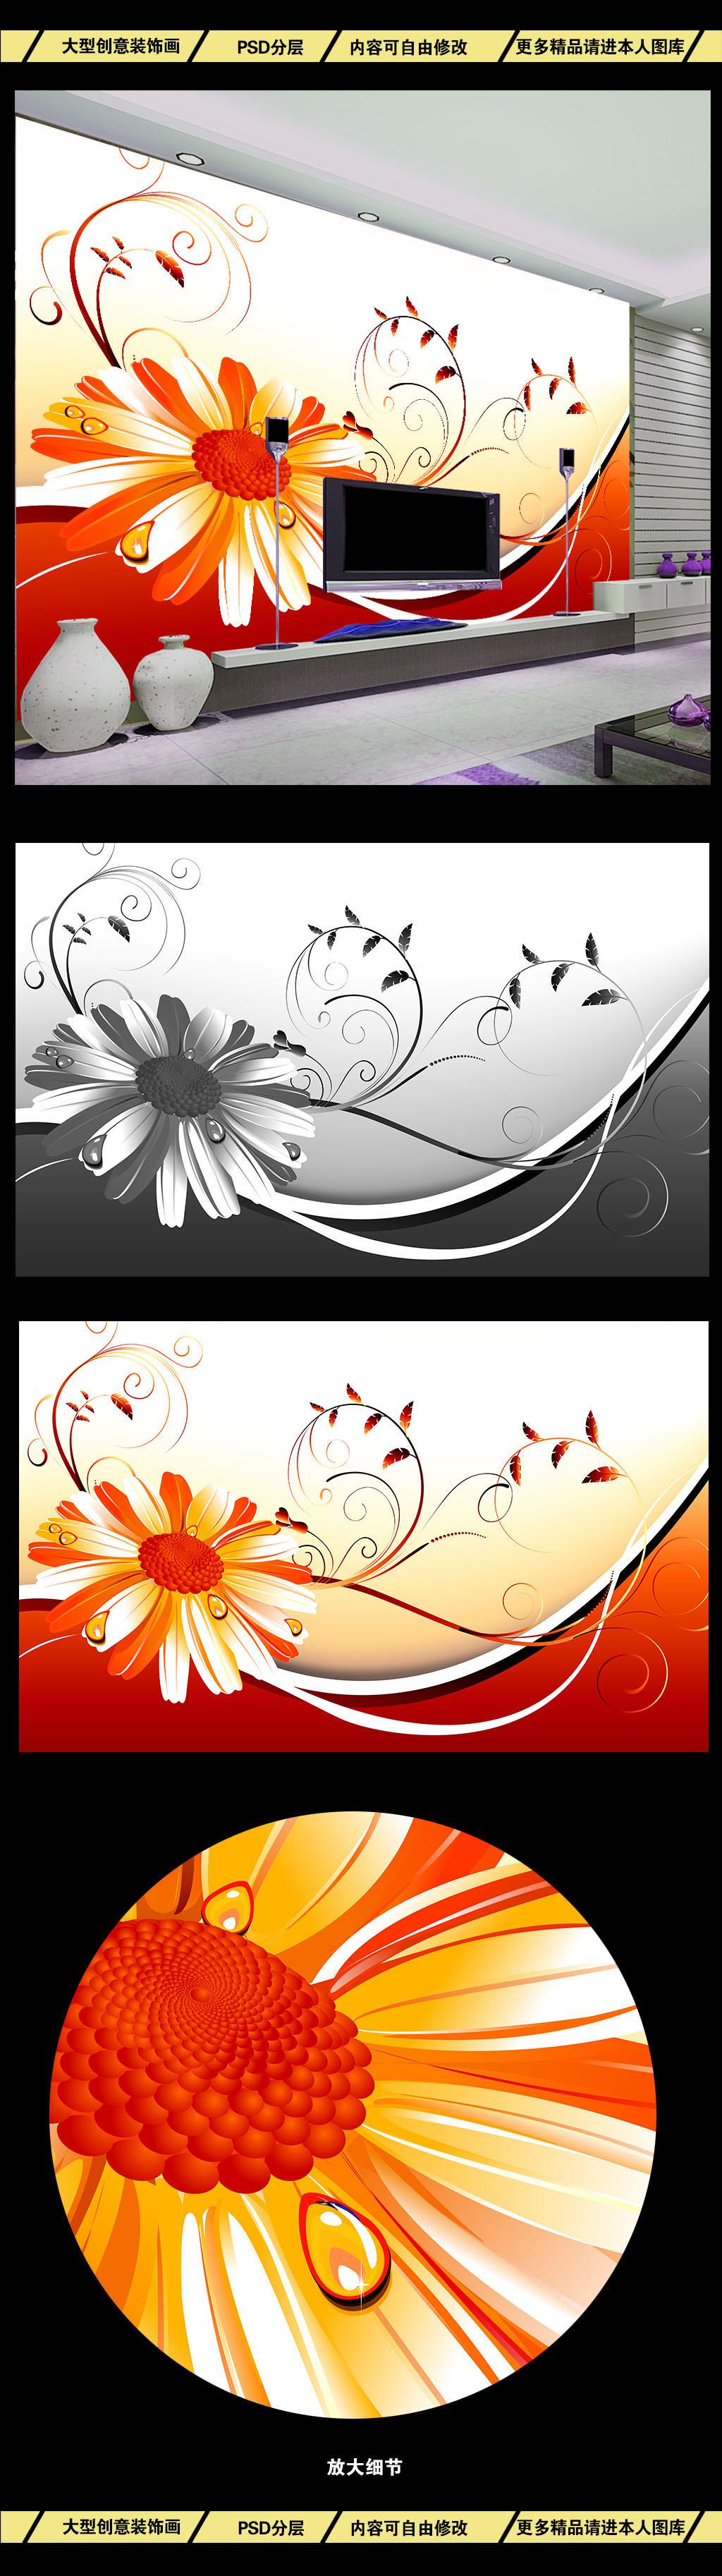 背景墙 电视 装饰画/[版权图片]时尚动感现代手绘花卉电视背景墙装饰画